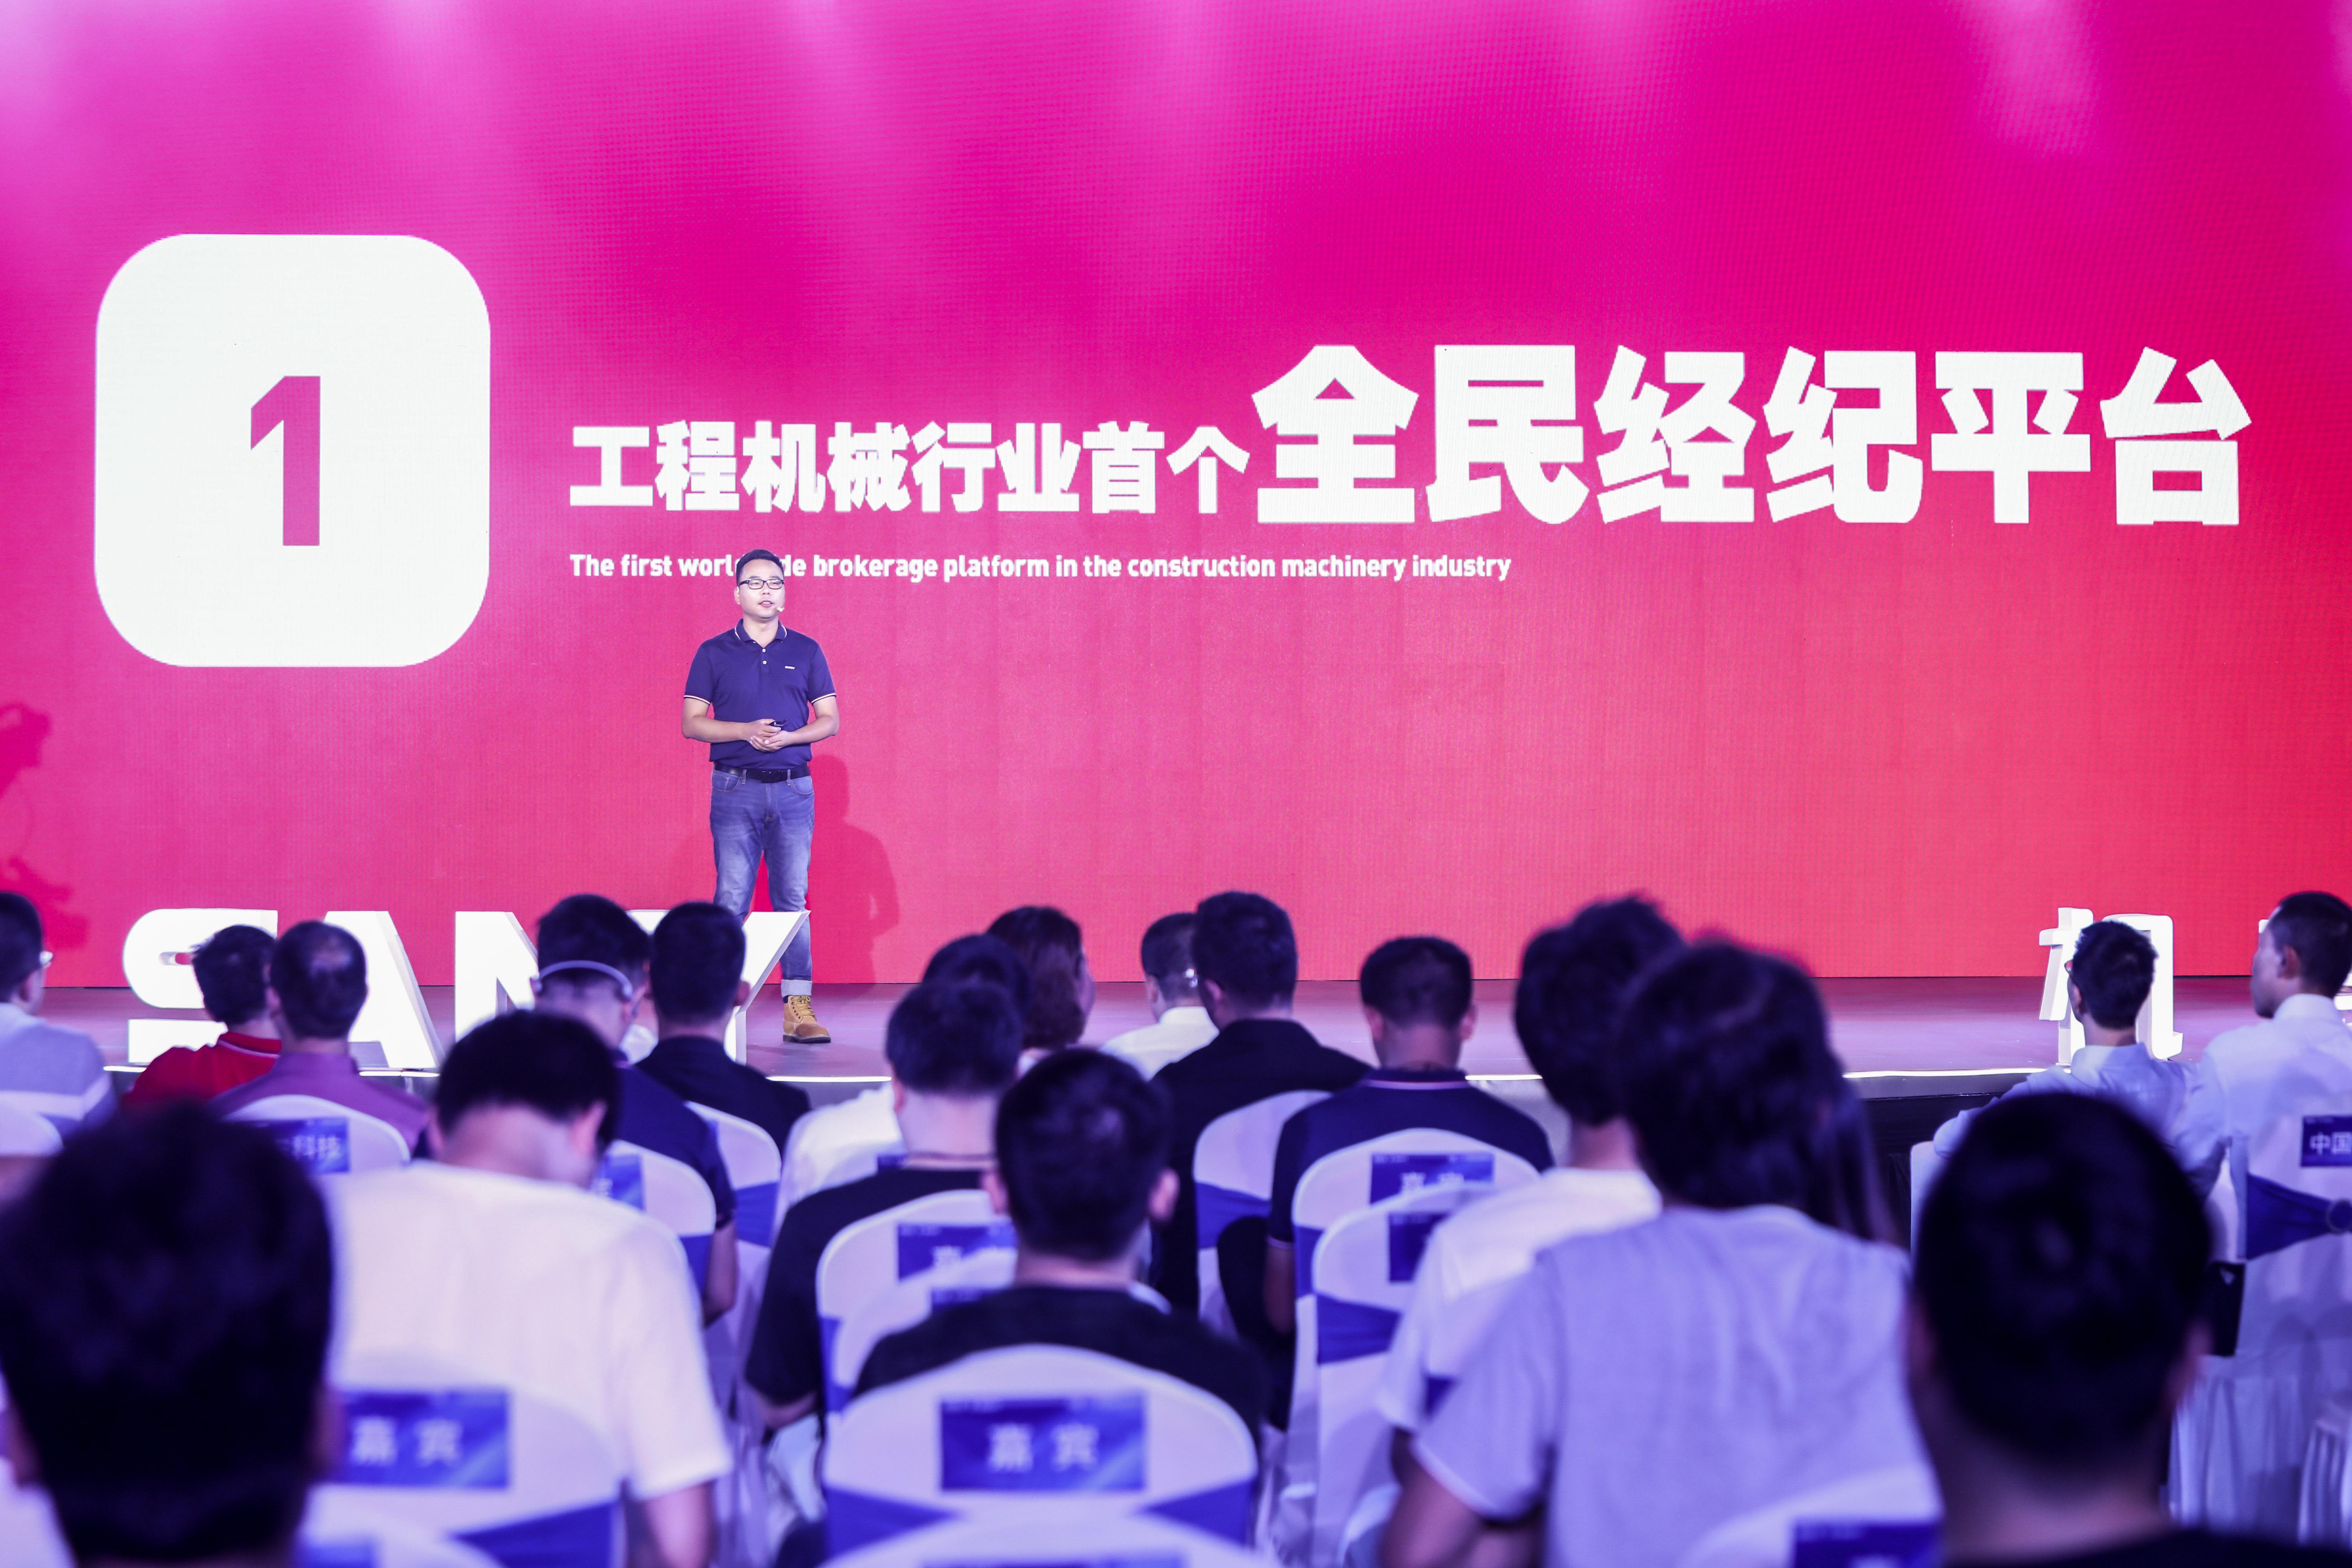 三一机惠宝营销新平台发布,开启工程机械行业数字营销新格局